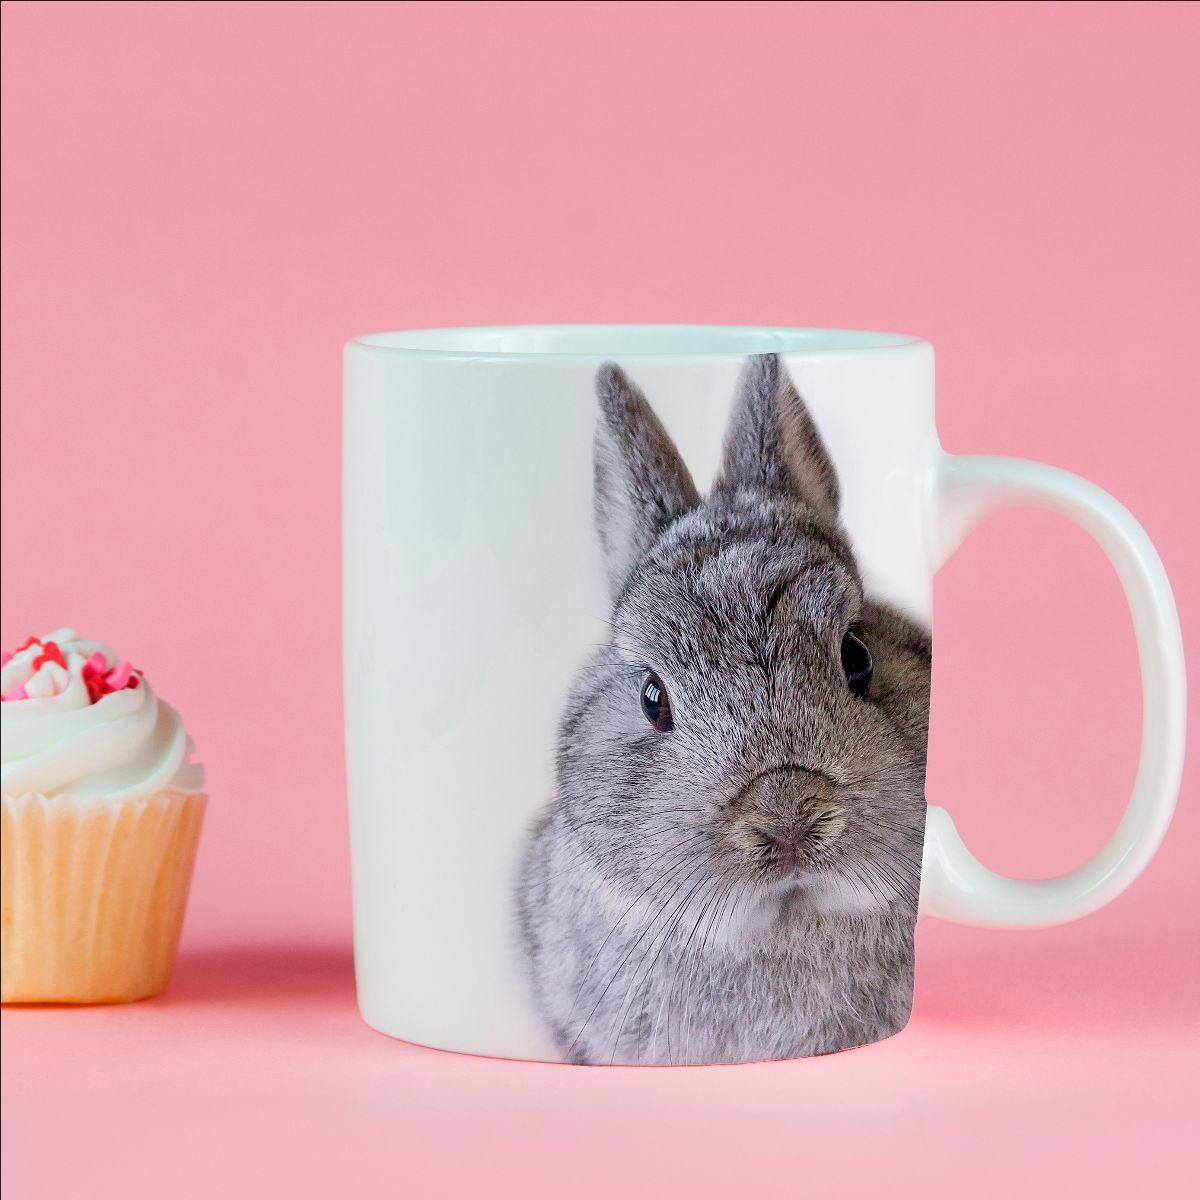 Unique custom made Easter mugs